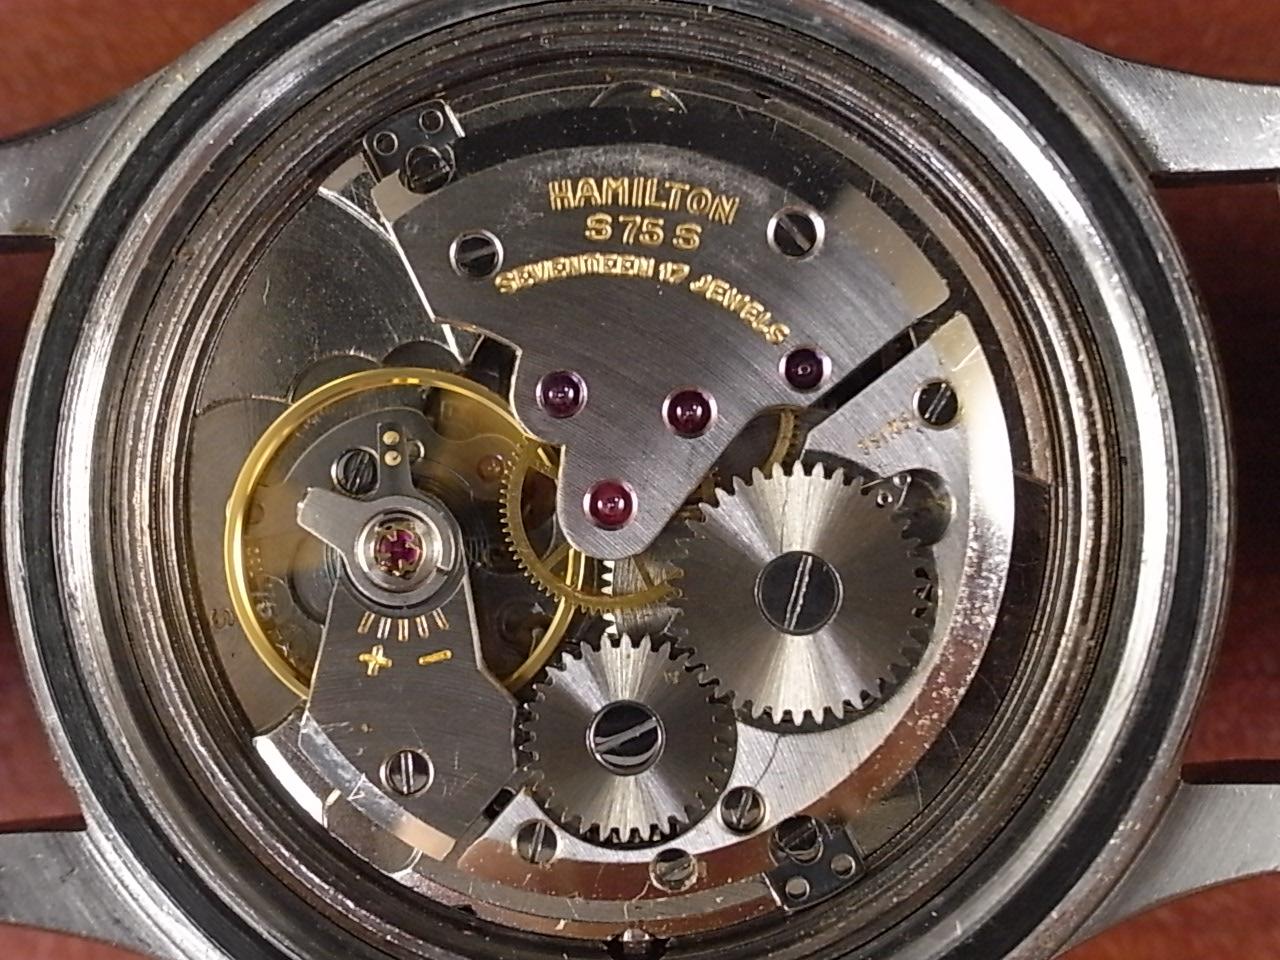 ハミルトン G.S. トロピカライズド ミリタリースペック ニアミント 1960年代 の写真5枚目